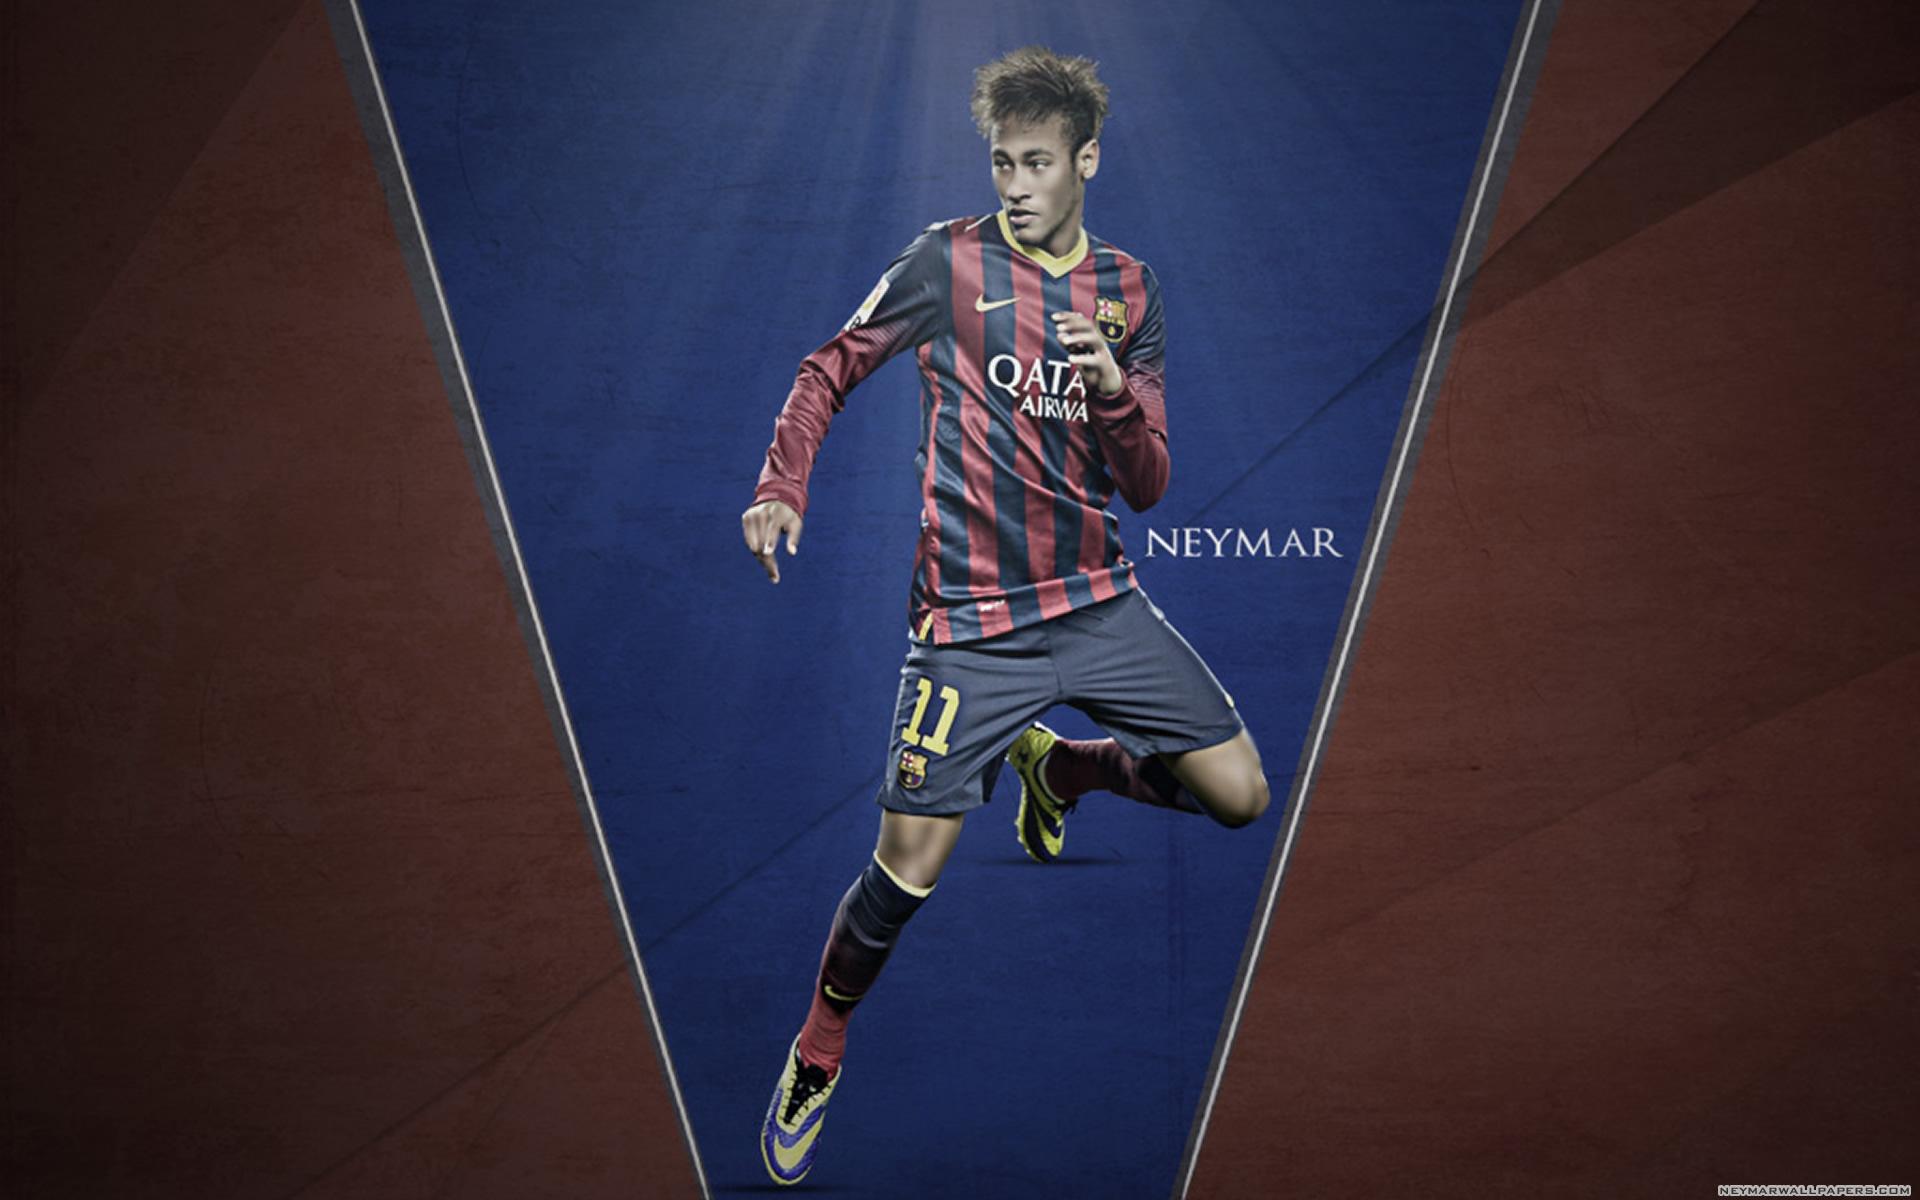 Kung fu Neymar wallpaper